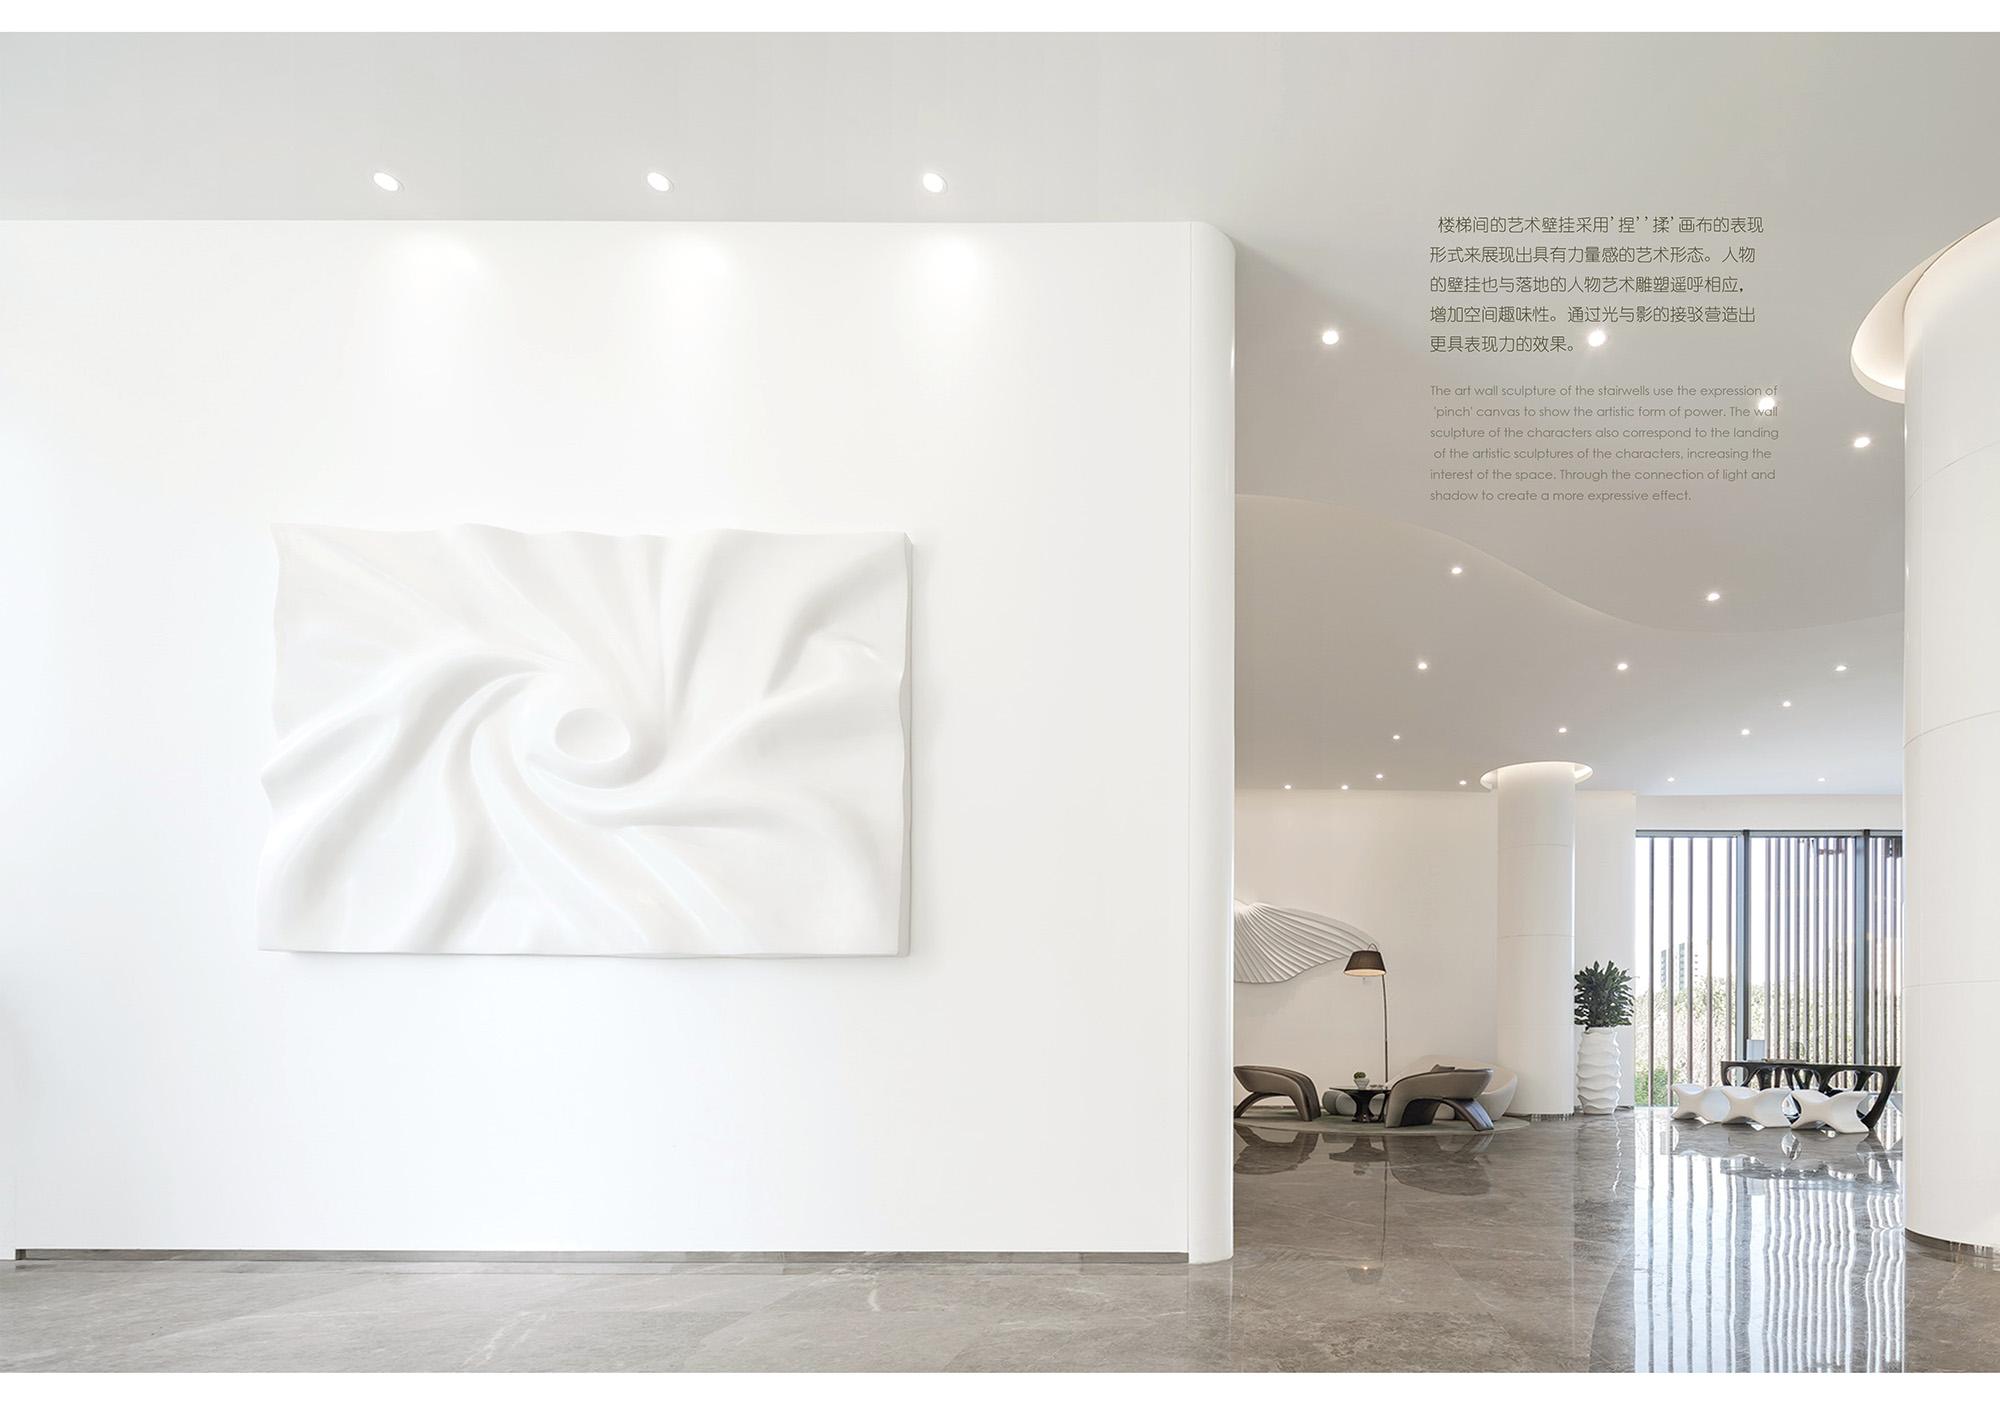 JSP   不止是营销中心——京南文创艺术中心